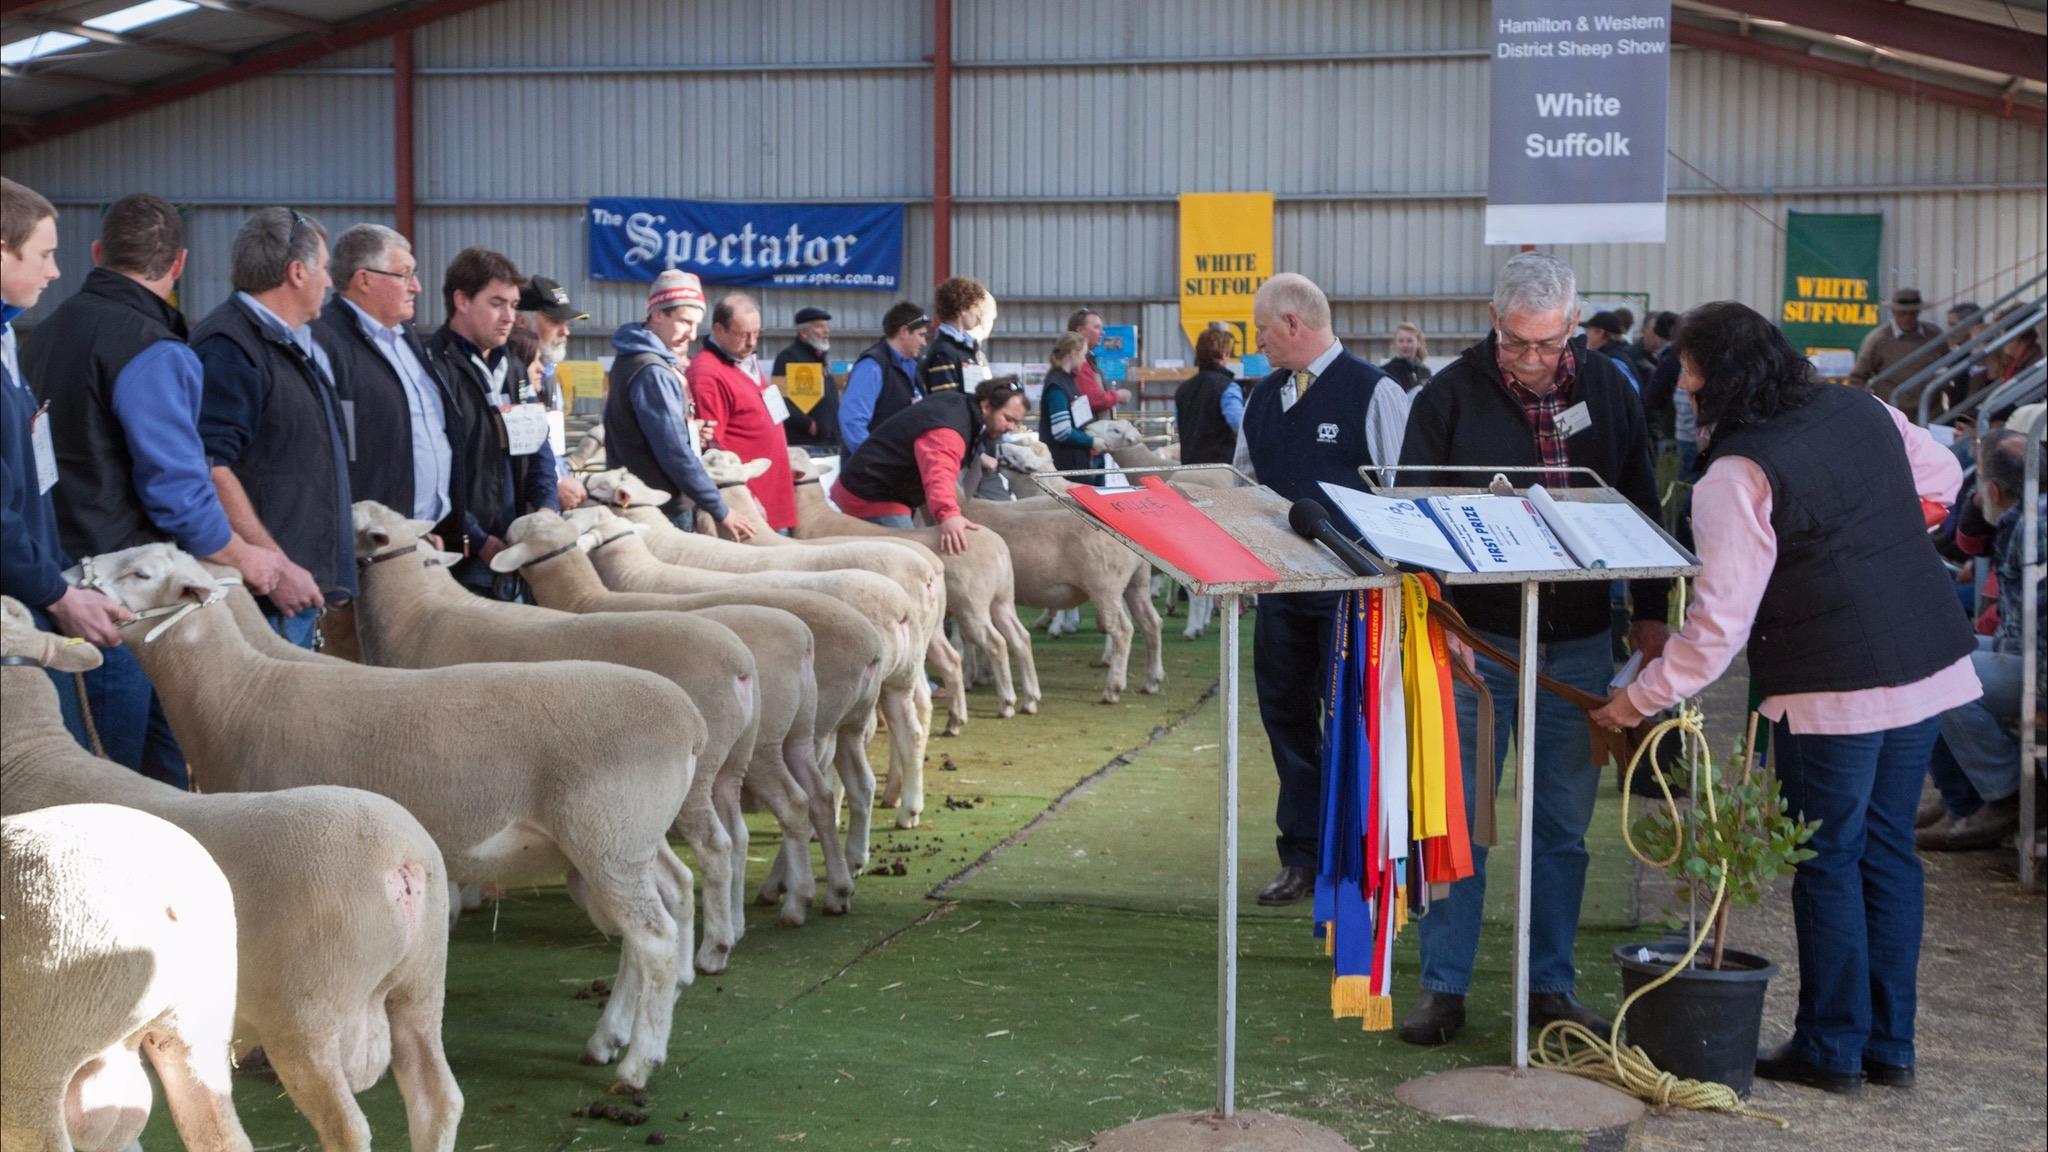 Sheepvention